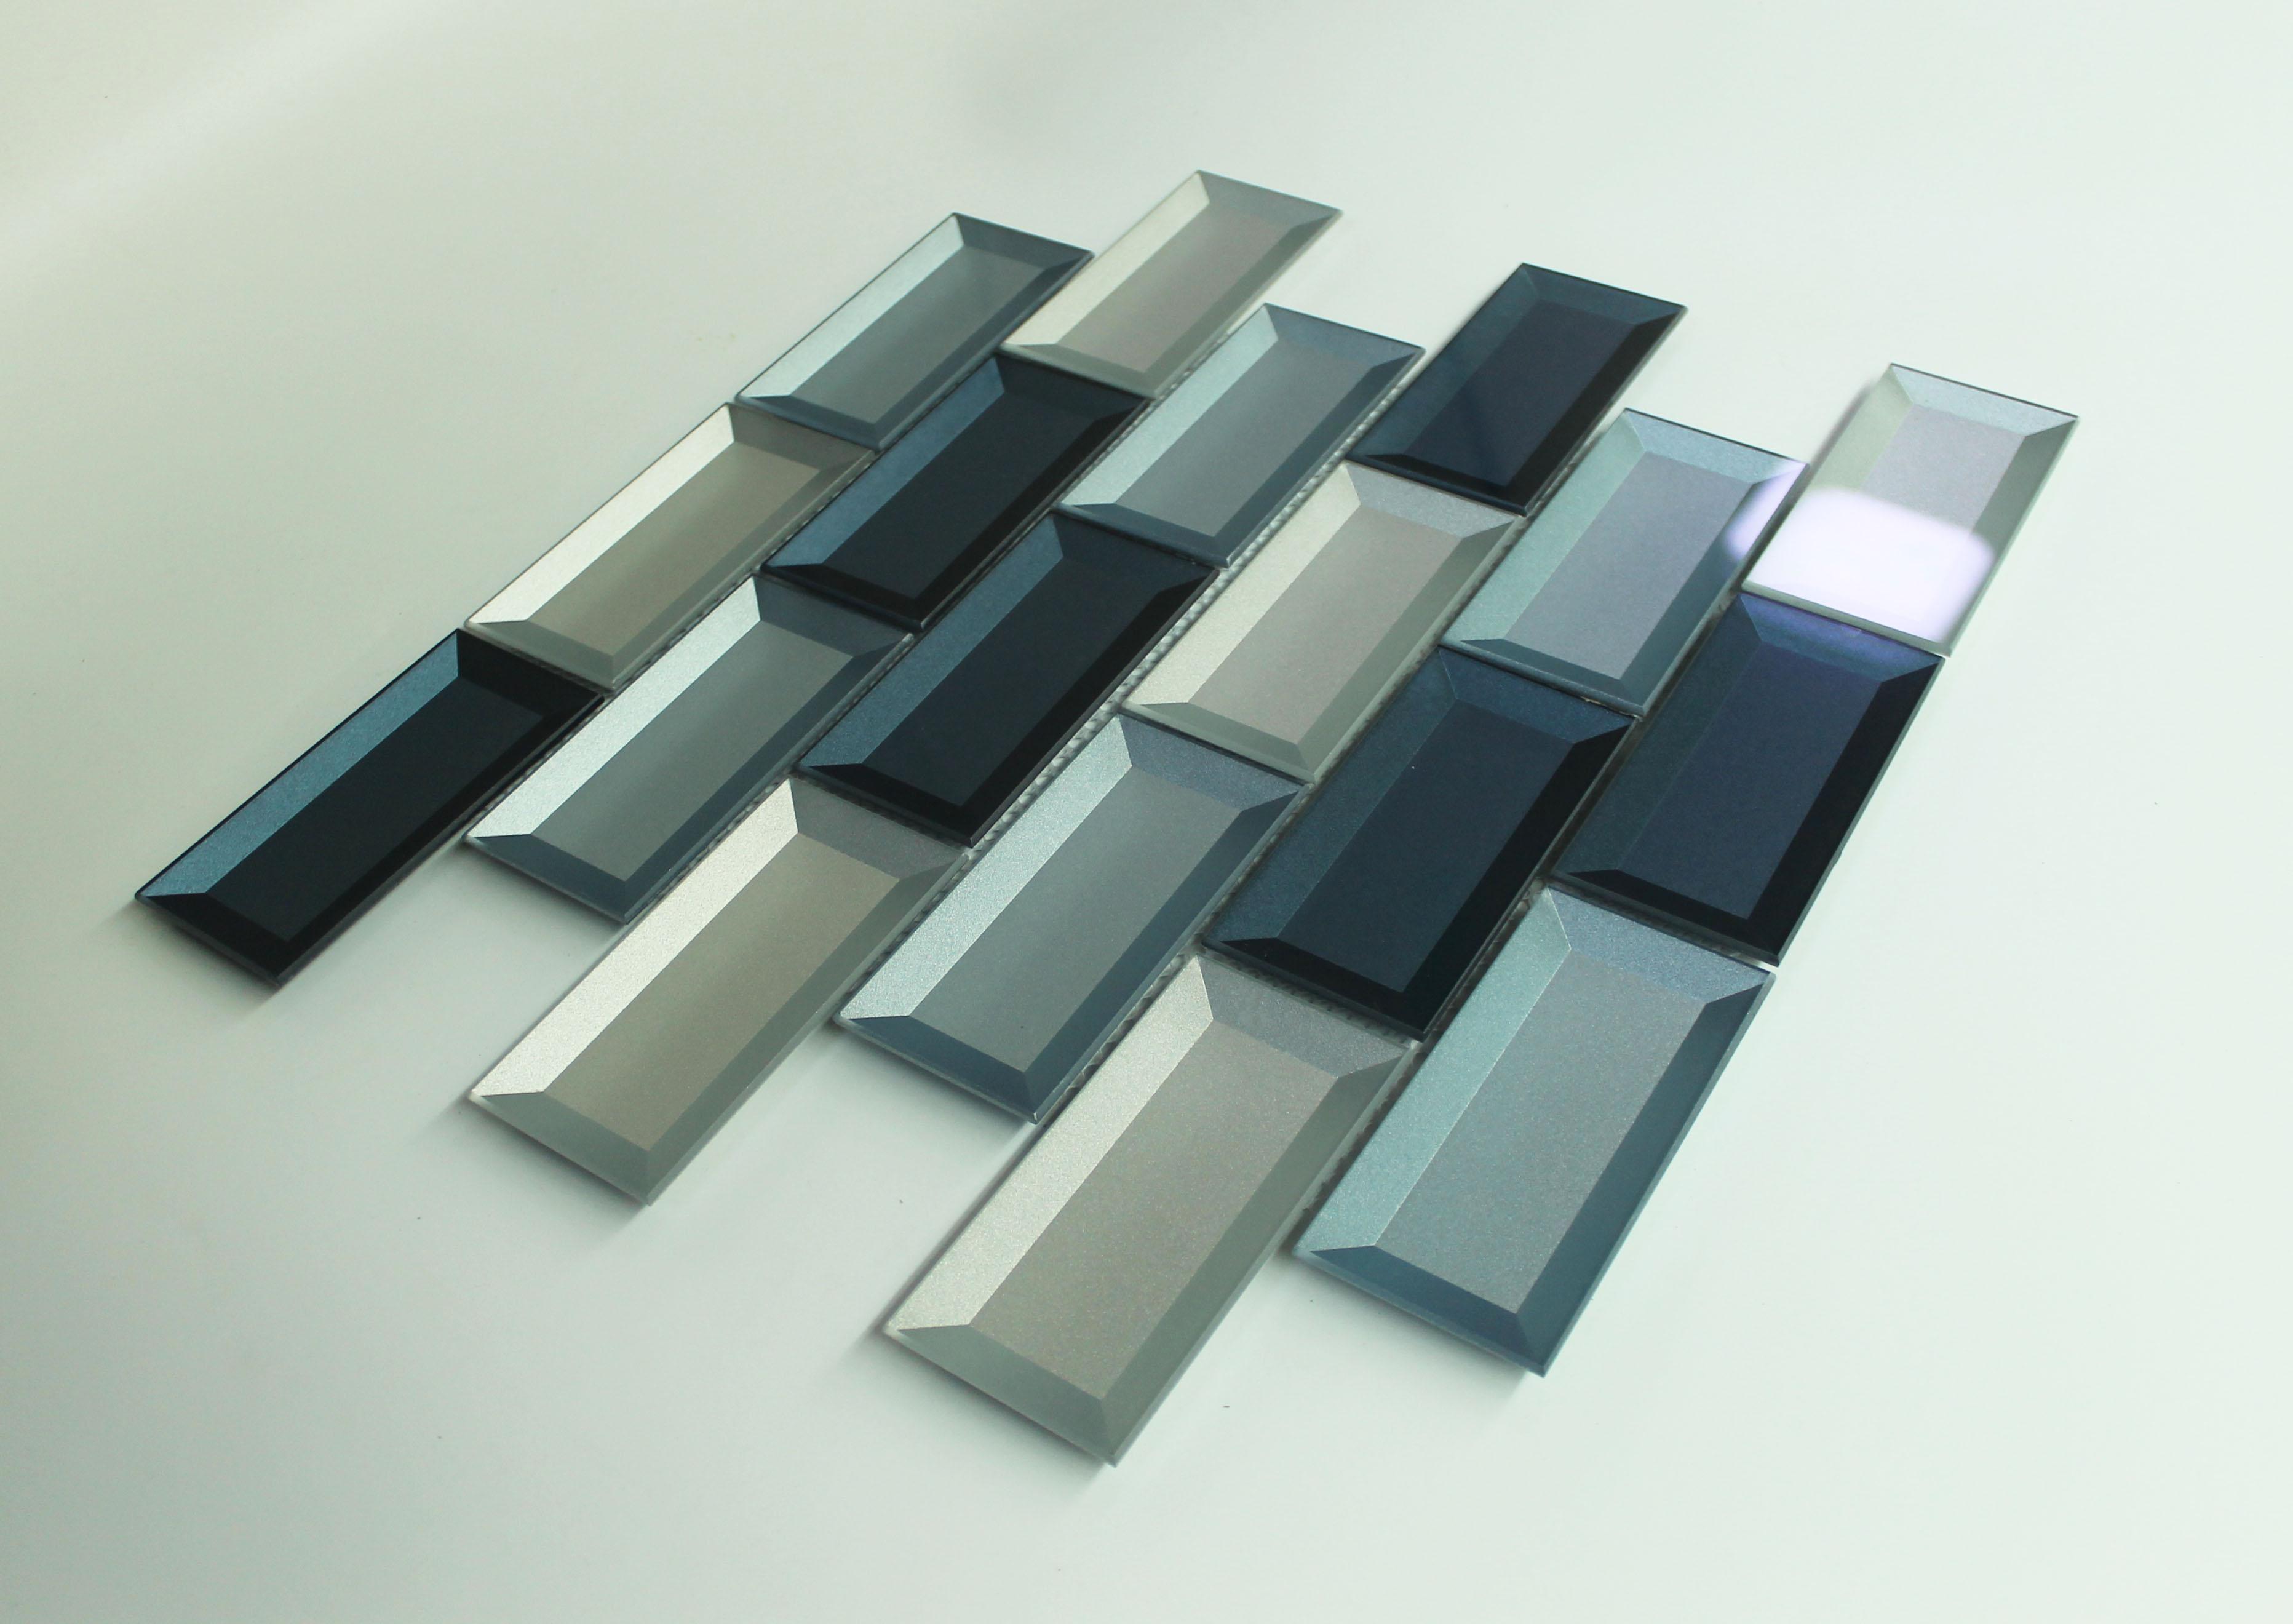 Piastrelle per bagno in mosaico di vetro prezzo basso piastrelle per